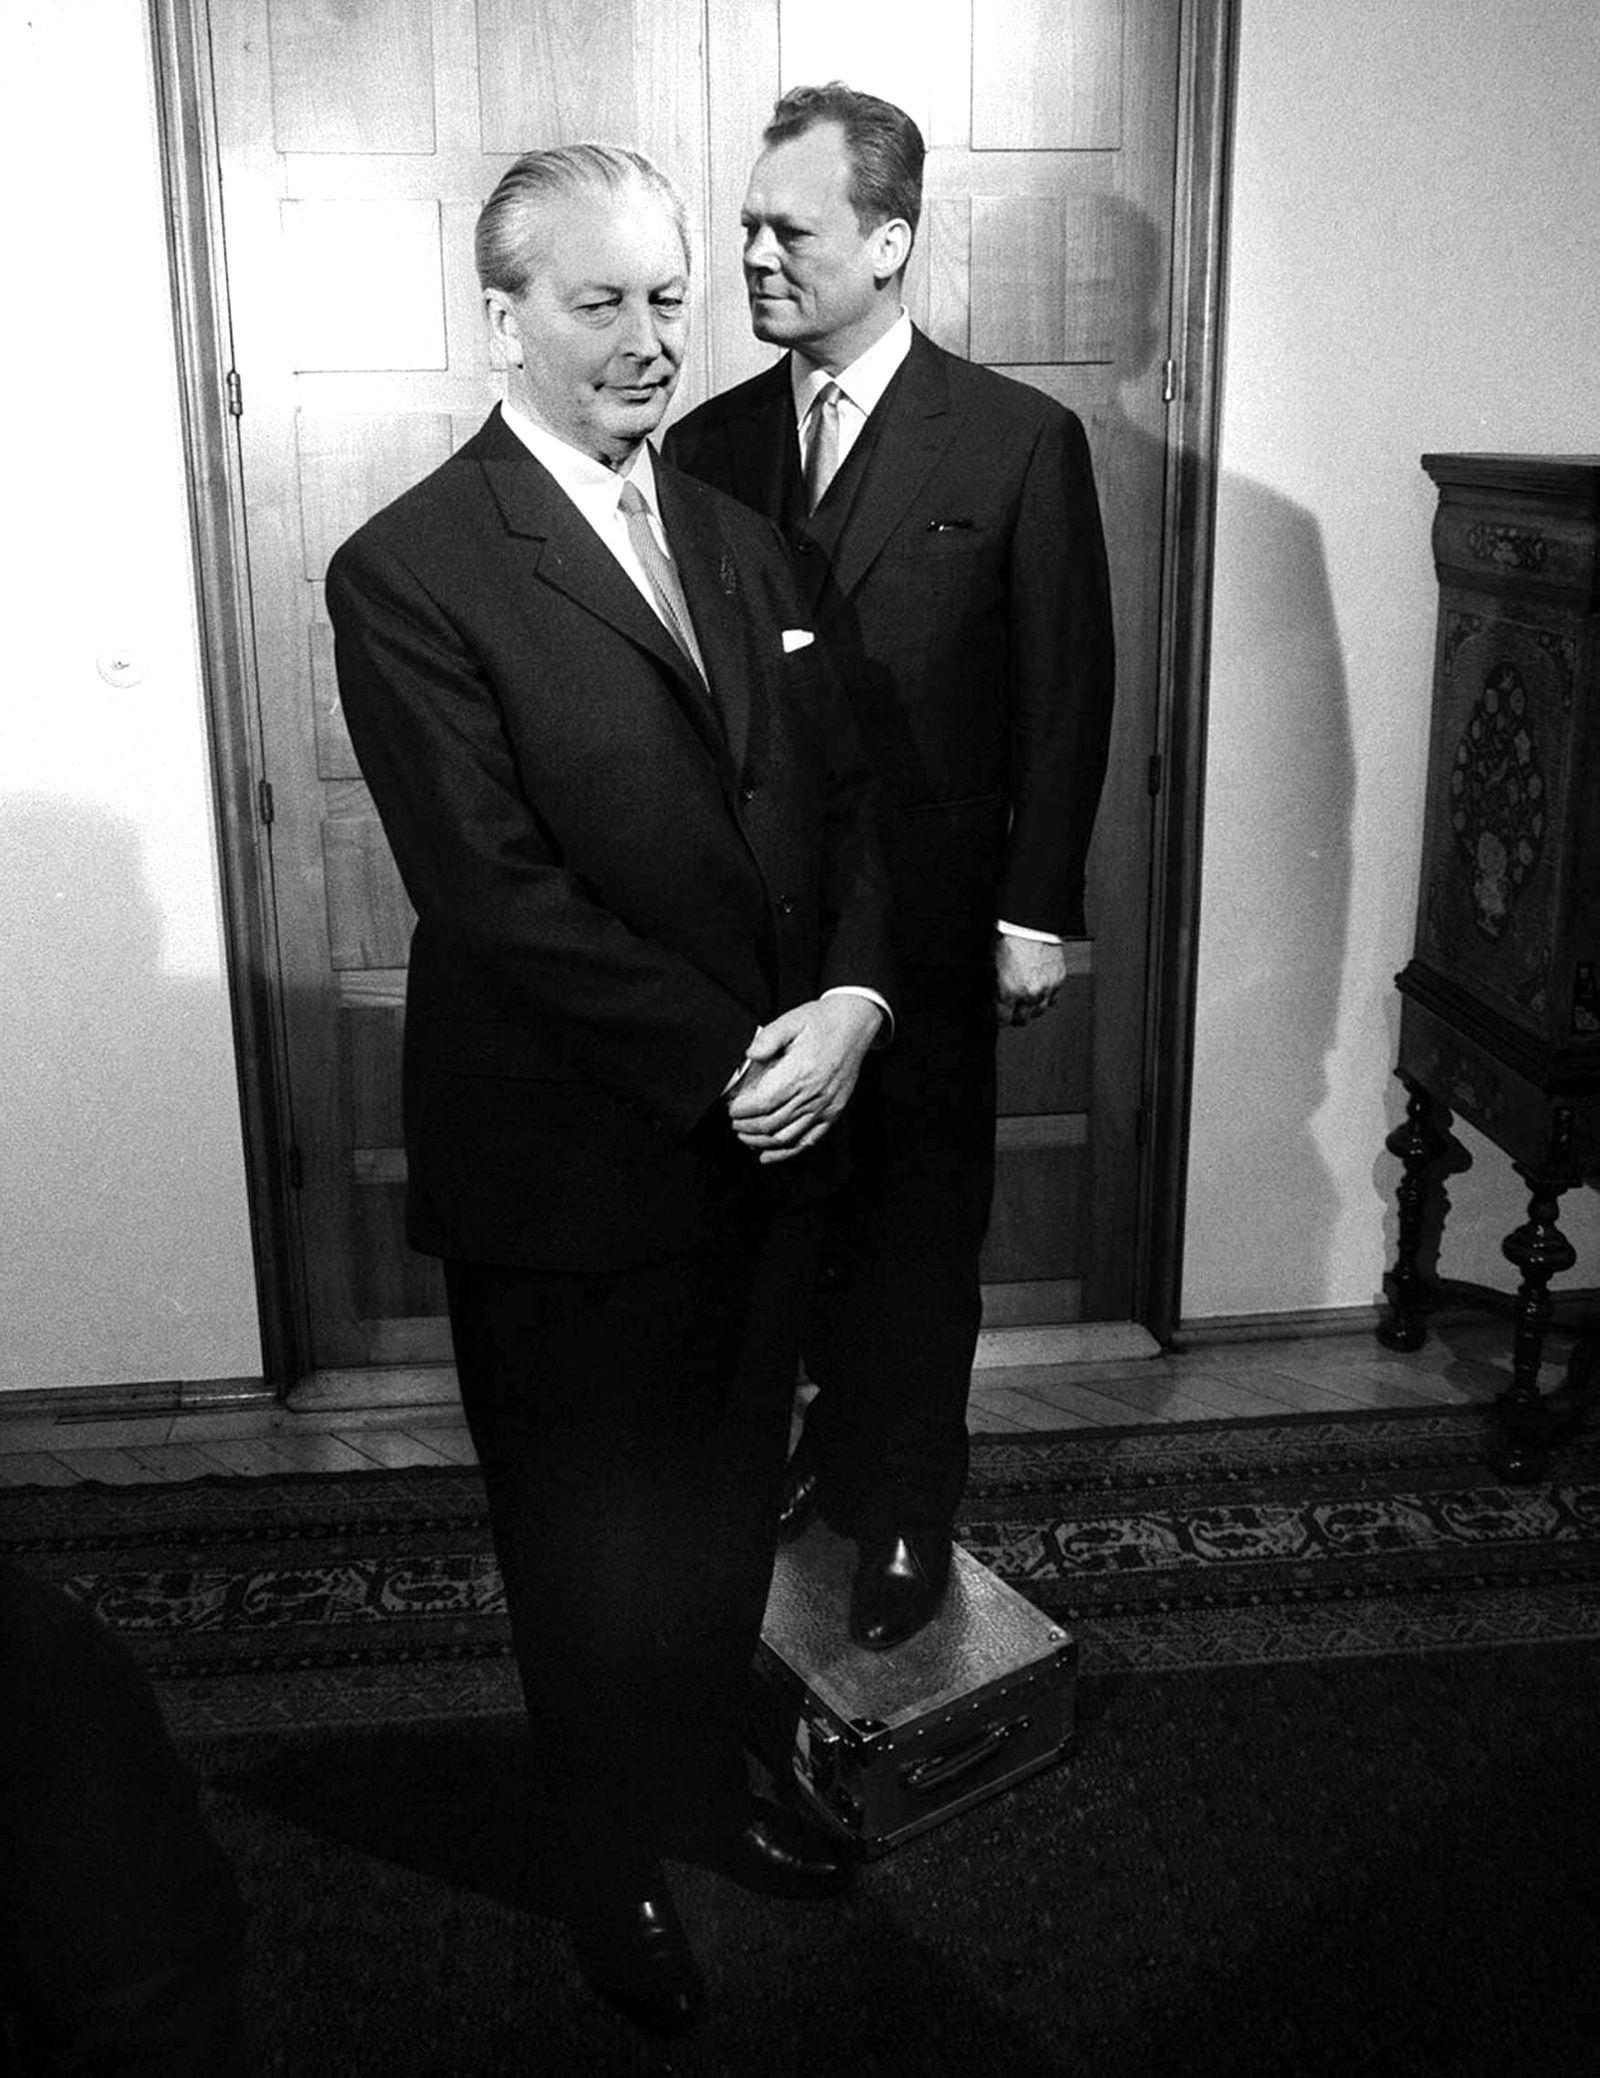 Vizekanzler Willy Brandt (re., GER/SPD) muss angesichts der Gr??e des Bundeskanzlers Hans Georg Kiesinger (GER/CDU/CSU)